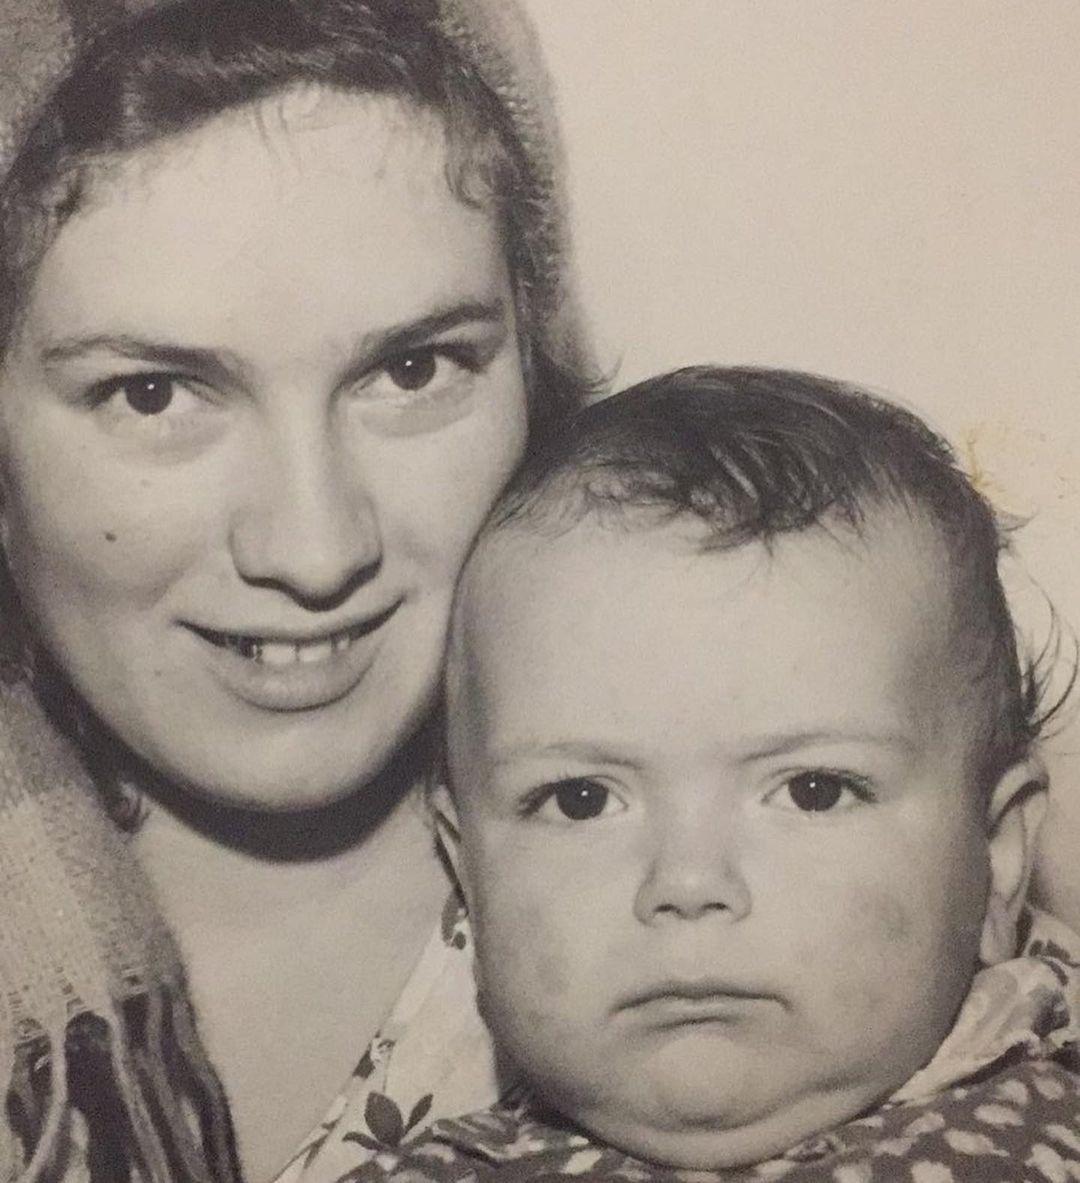 день матери украинские звезды как празднуют что дарят Григорий Решетник Холостяк семья мать